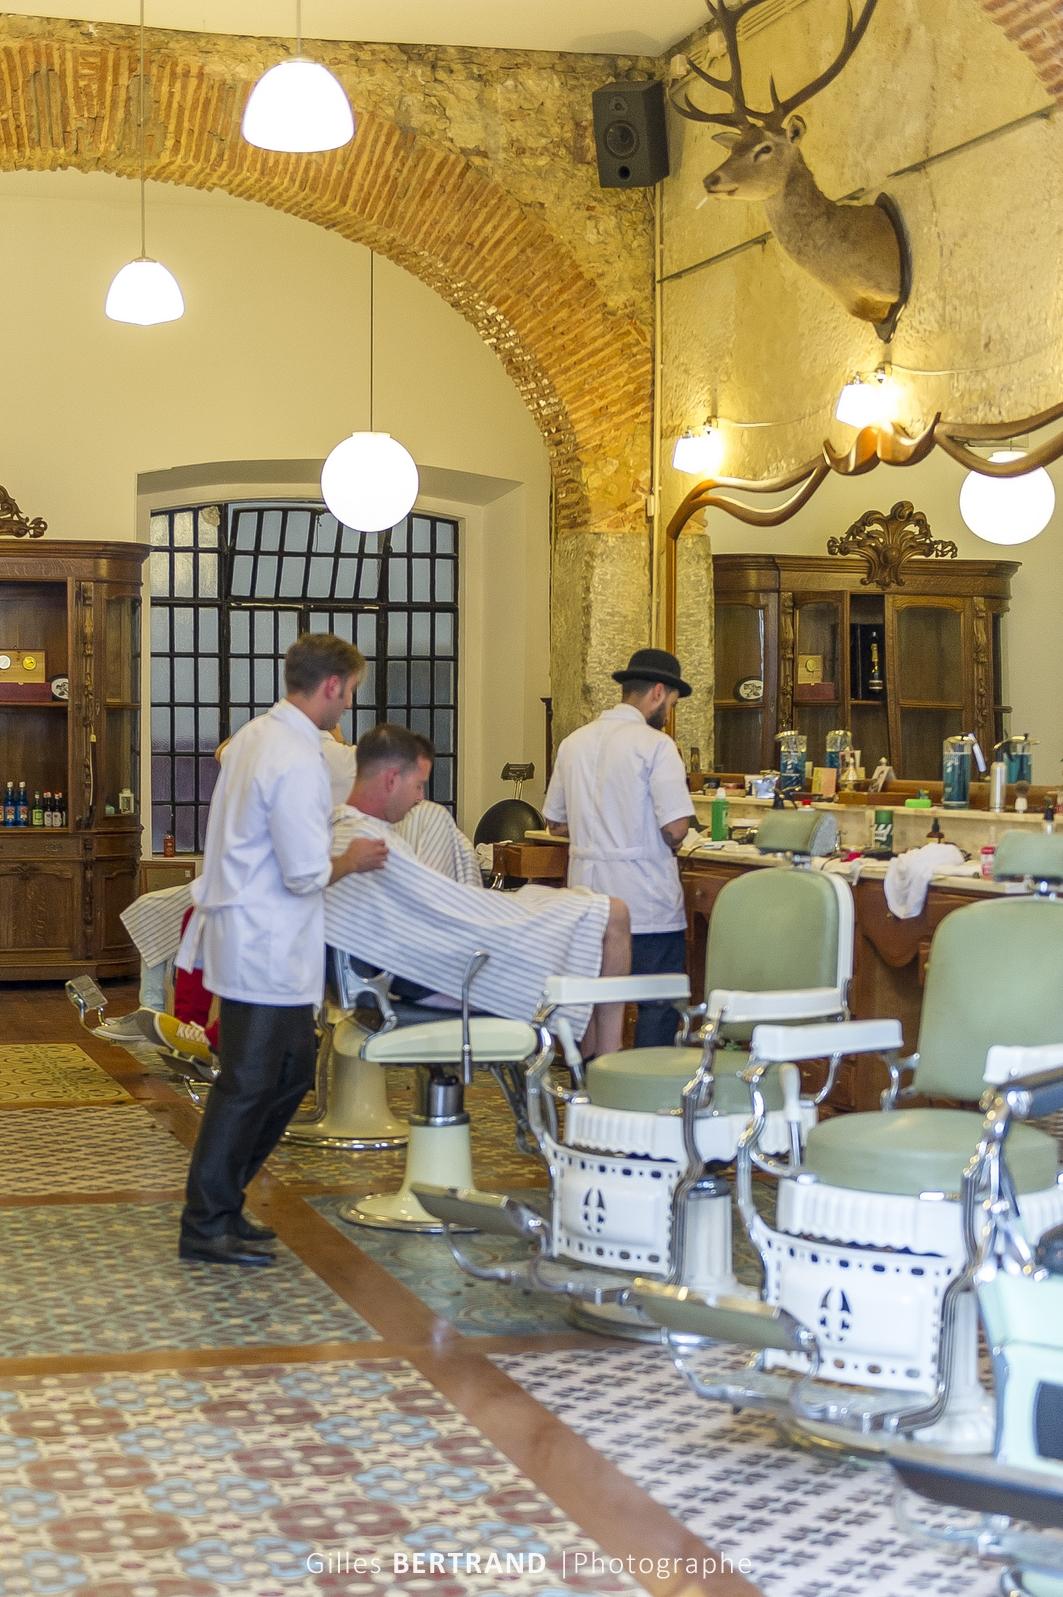 LISBONNE - Un barbier dans les rues de Lisbonne